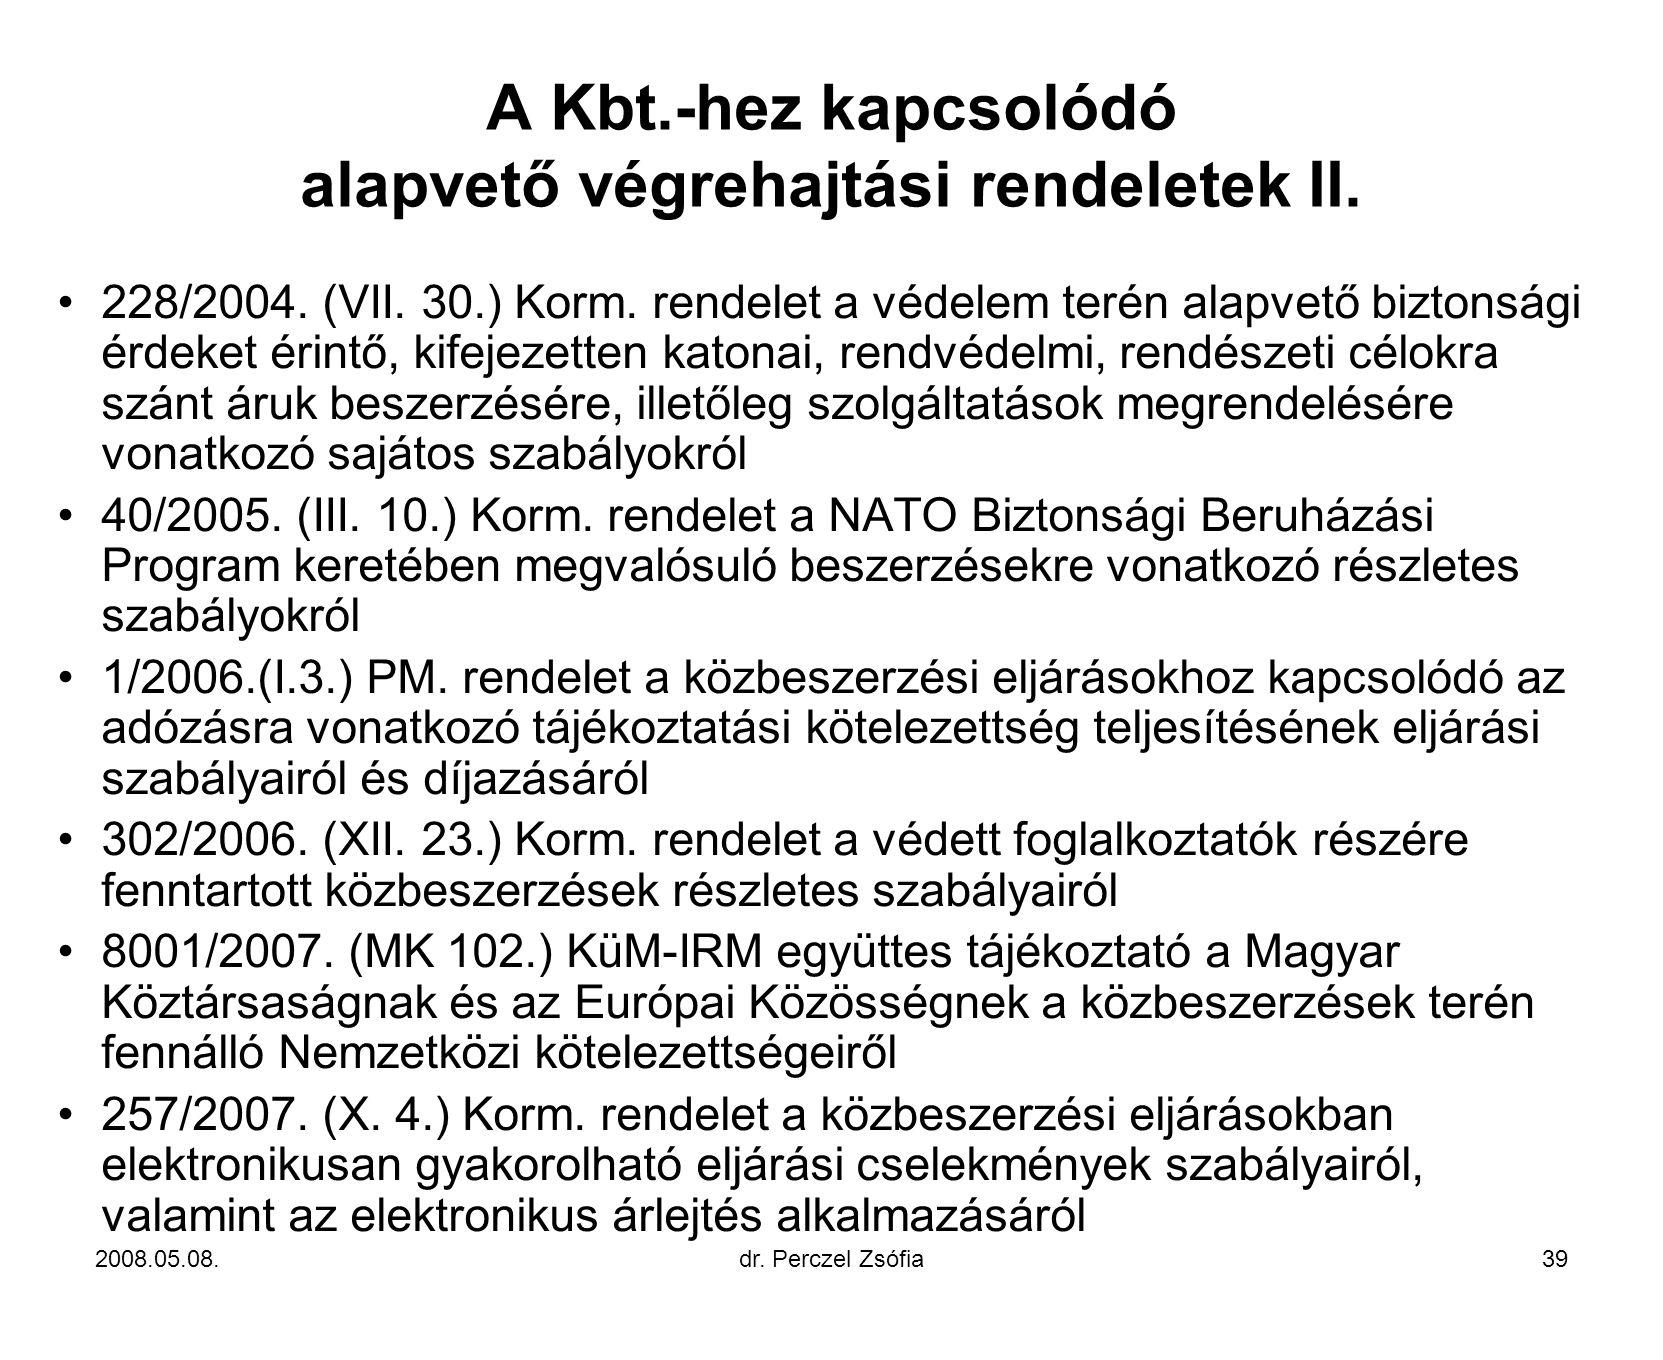 A Kbt.-hez kapcsolódó alapvető végrehajtási rendeletek II.